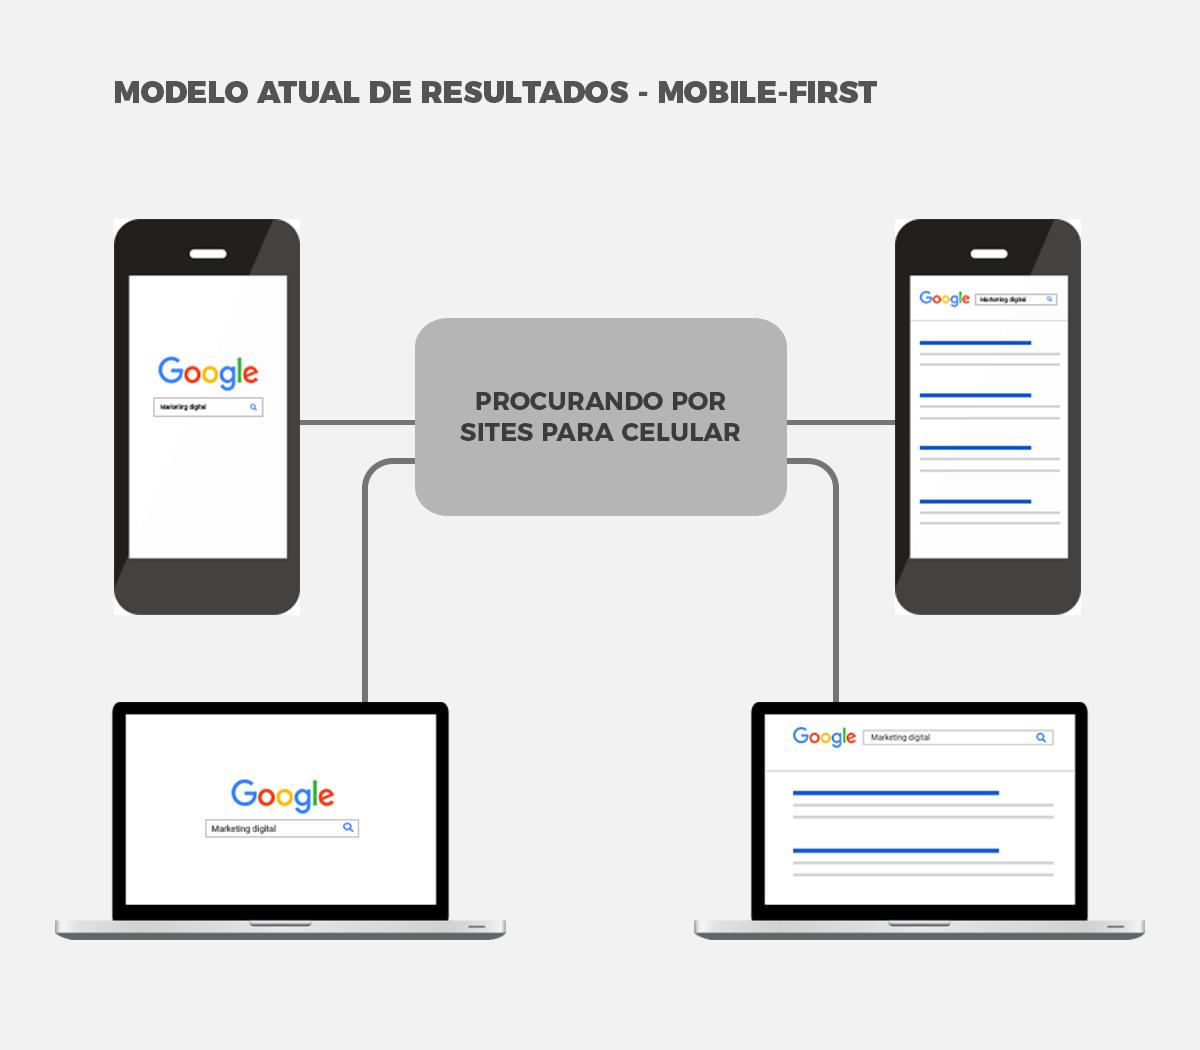 Resultados que o Google mostra através do mobile first-index